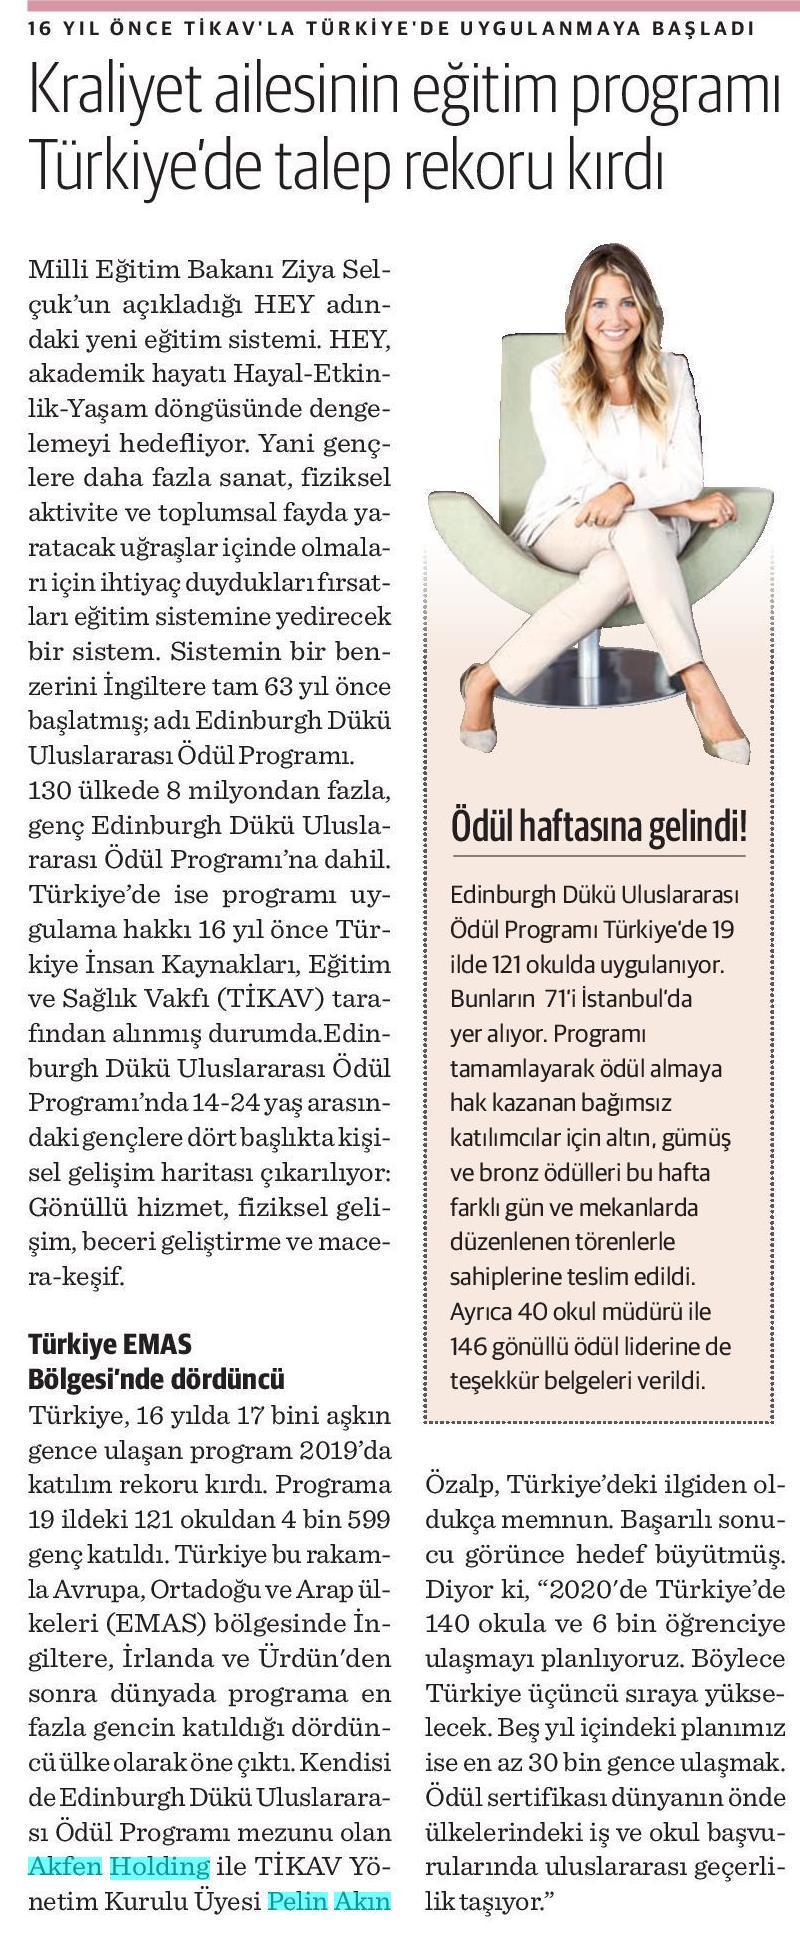 Kraliyet ailesinin eğitim programı Türkiye'de talep rekoru kırdı.